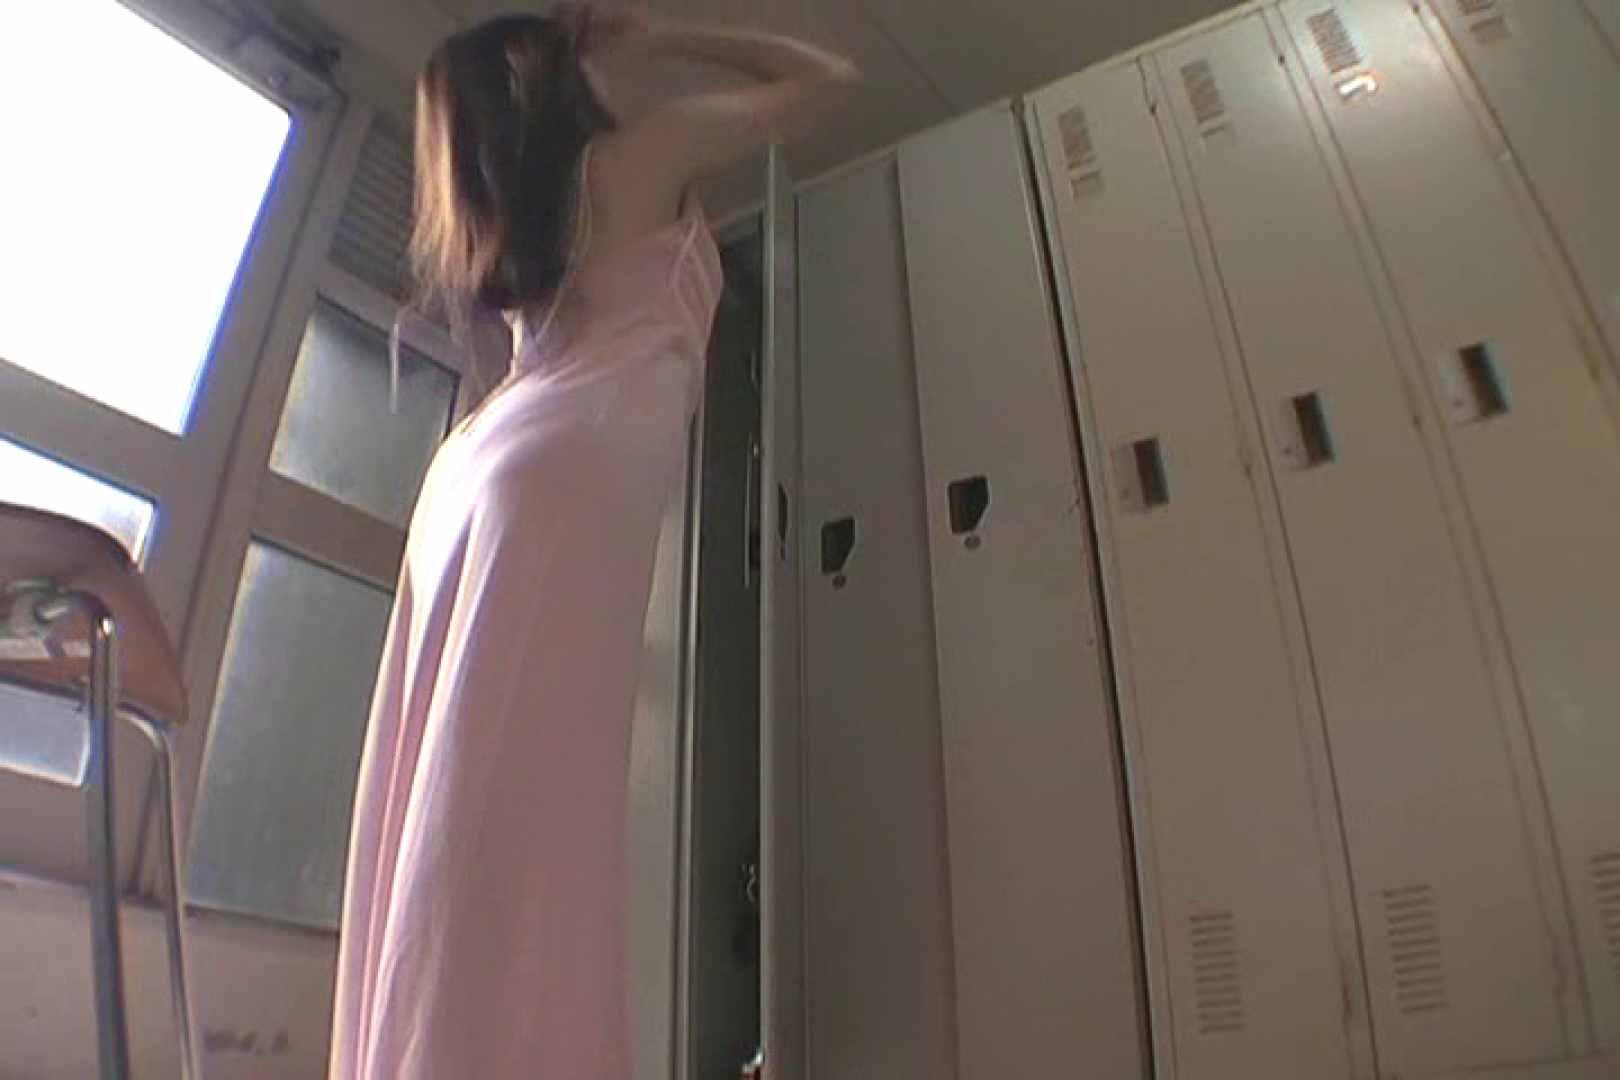 キャバ嬢舞台裏Vol.2 美しいOLの裸体 | キャバ嬢丸裸  70pic 49